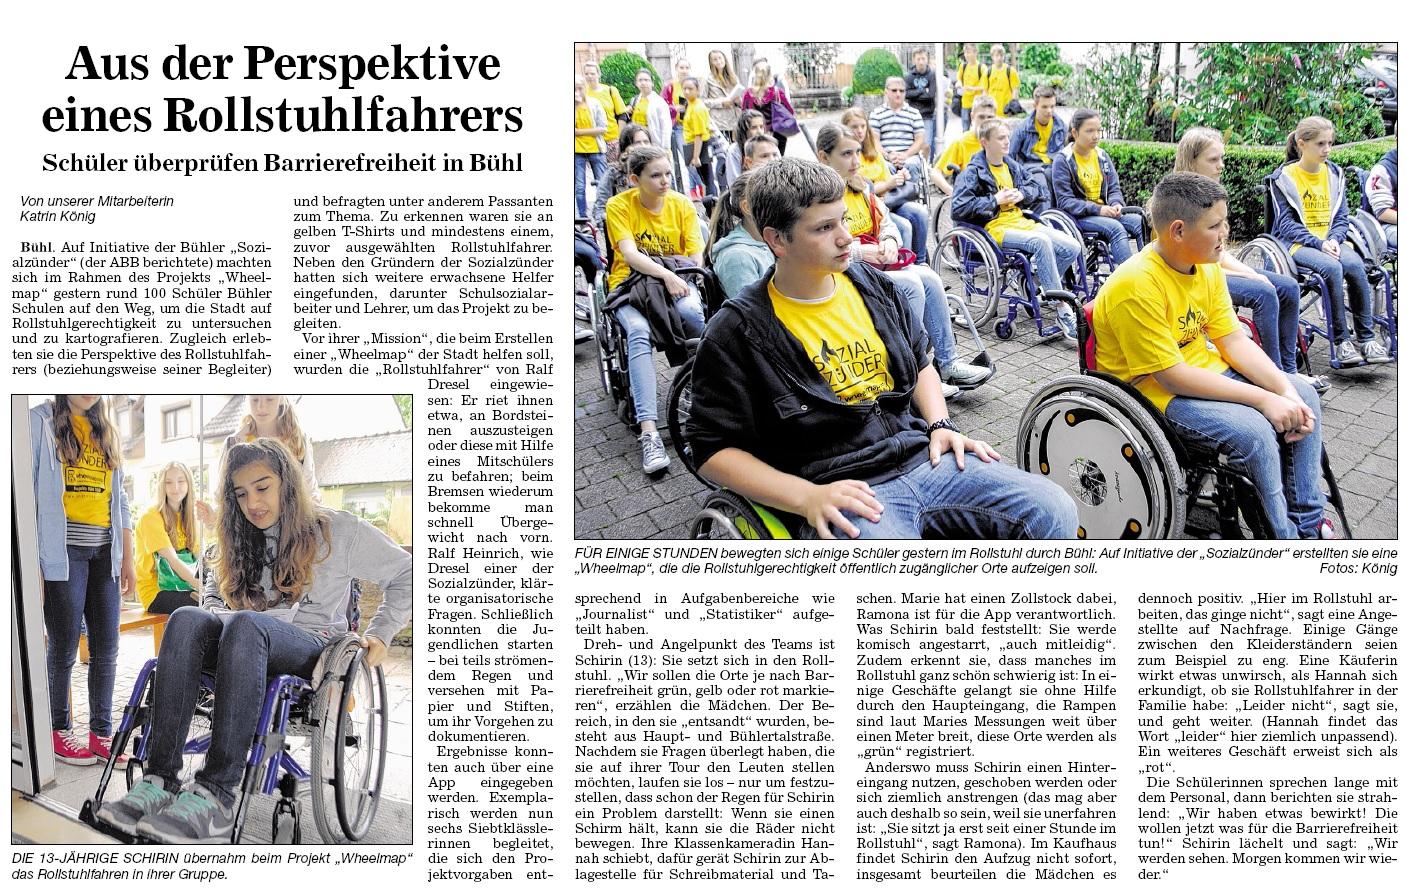 """BNN, 15.07.2014: """"Aus der Perspektive eines Rollstuhfahrers"""""""